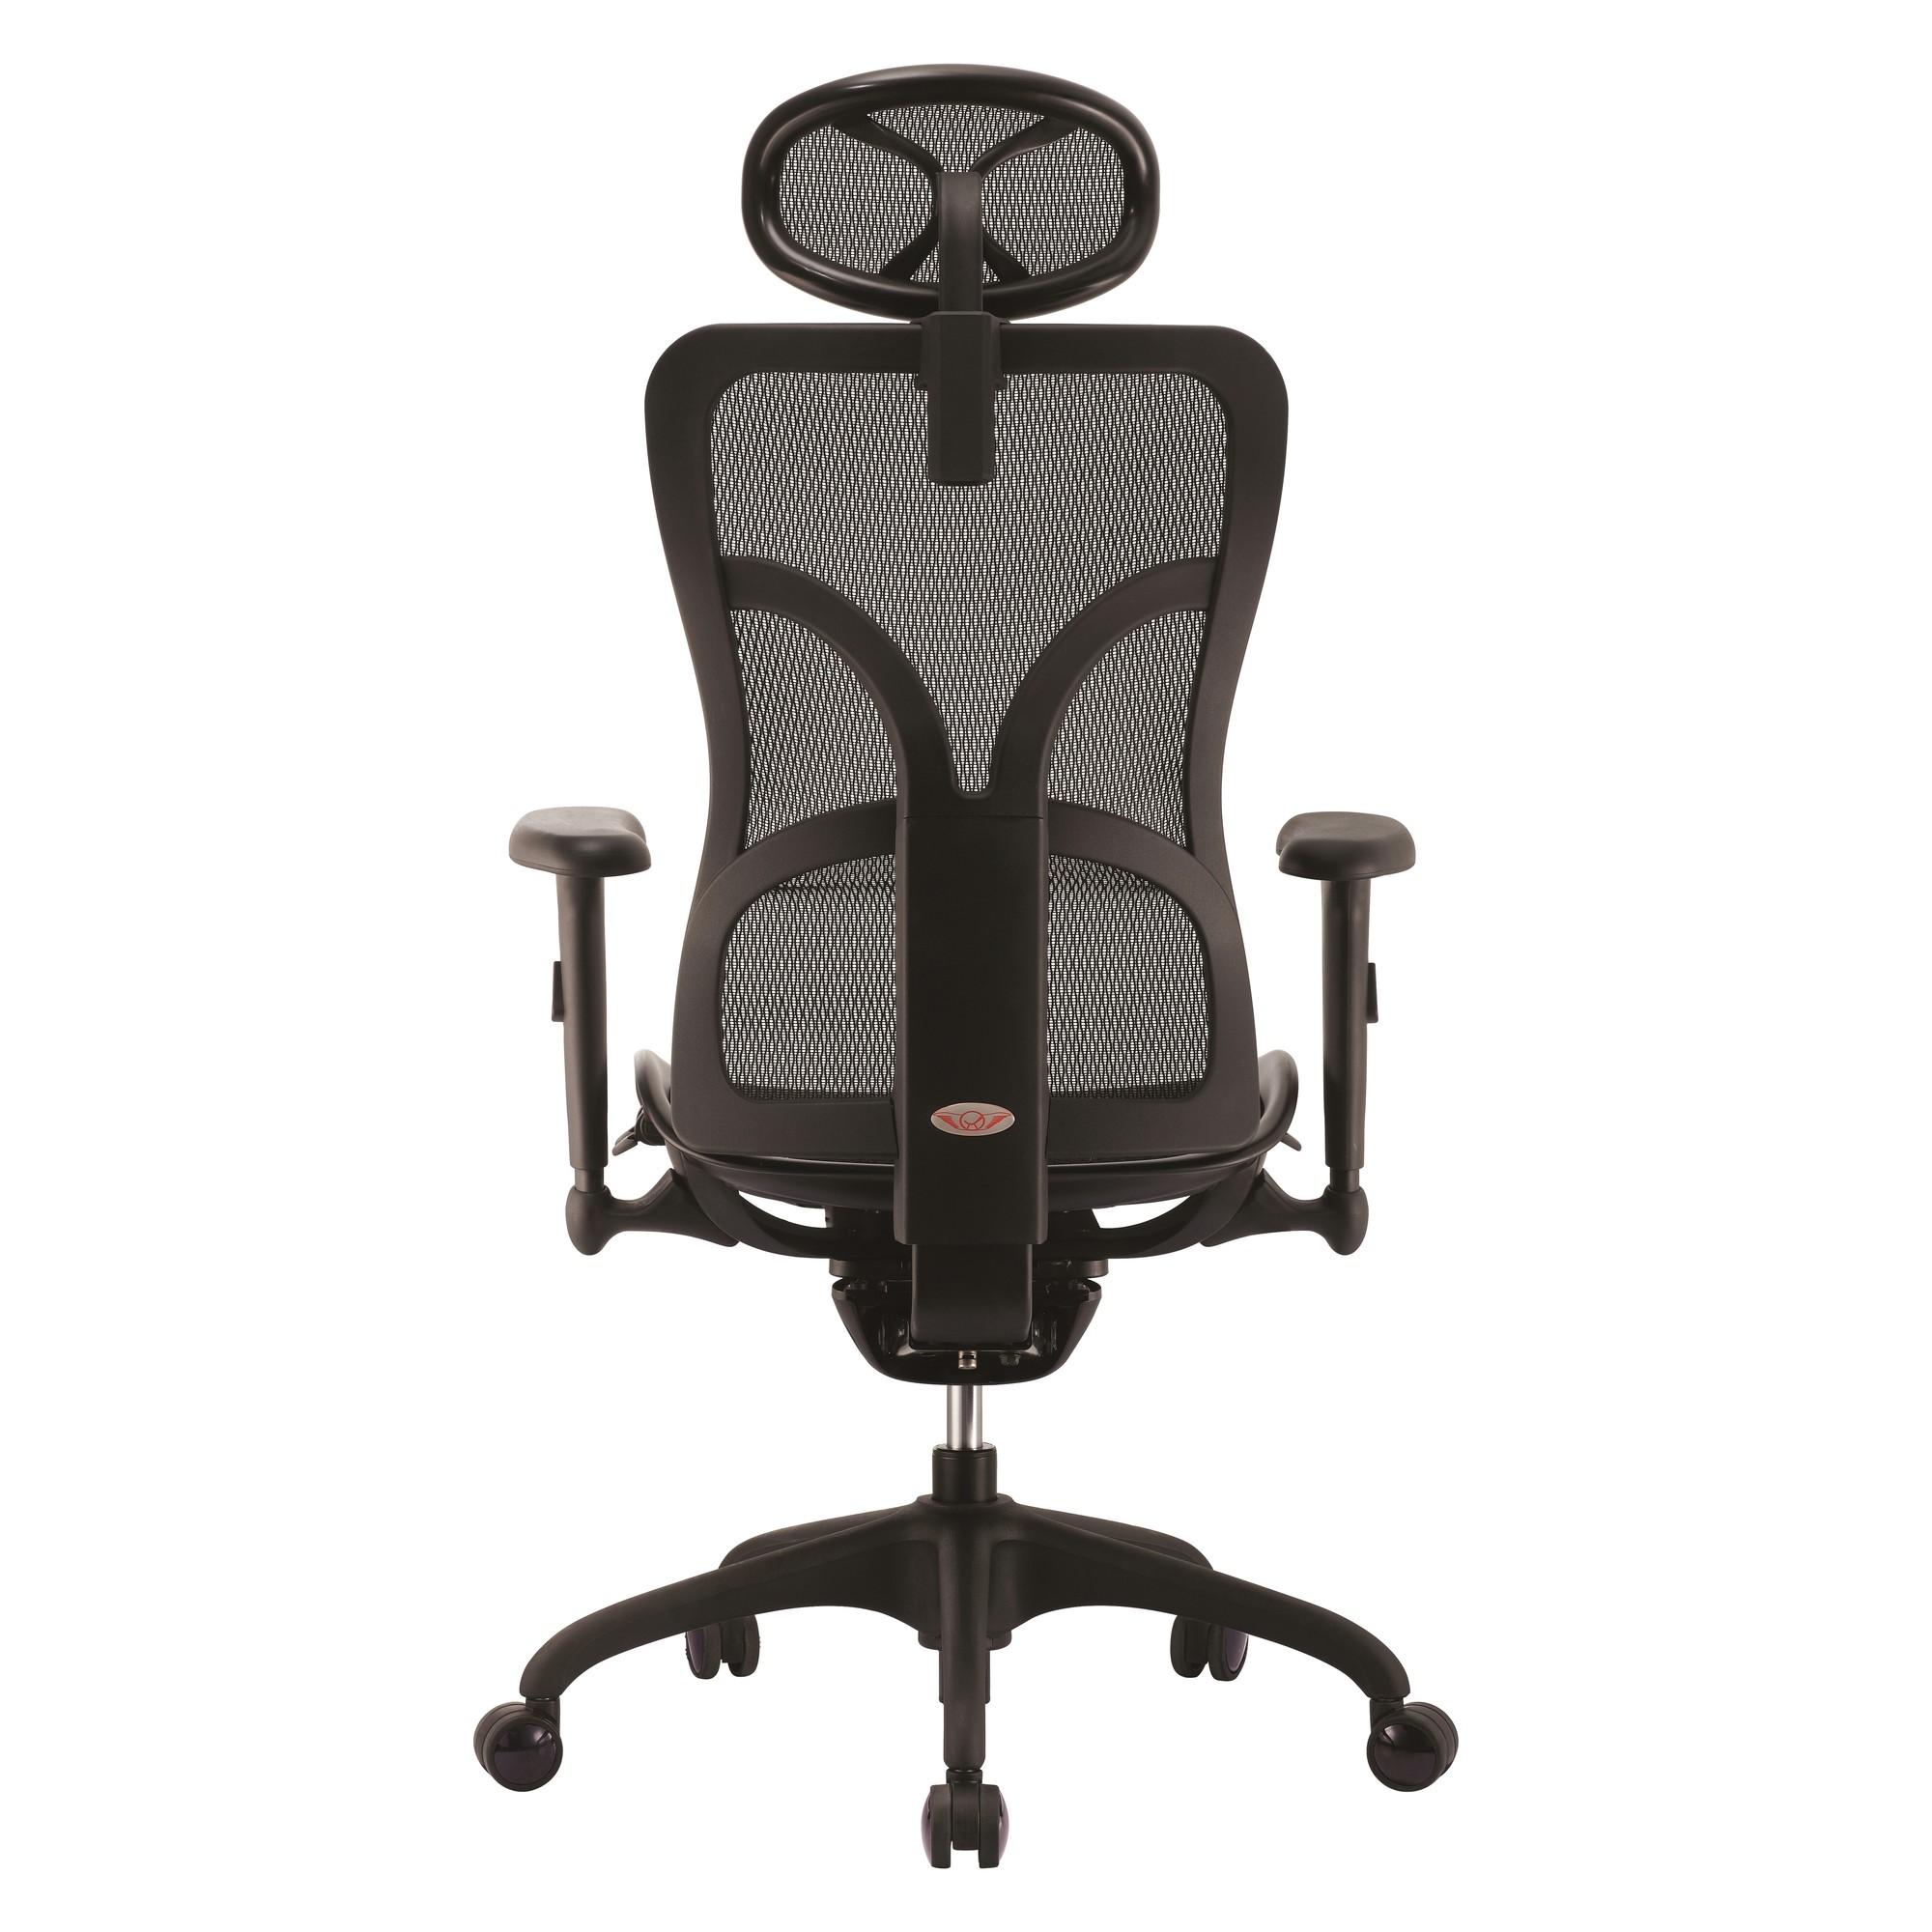 new milan direct manhattan adjustable ergo office chair ebay